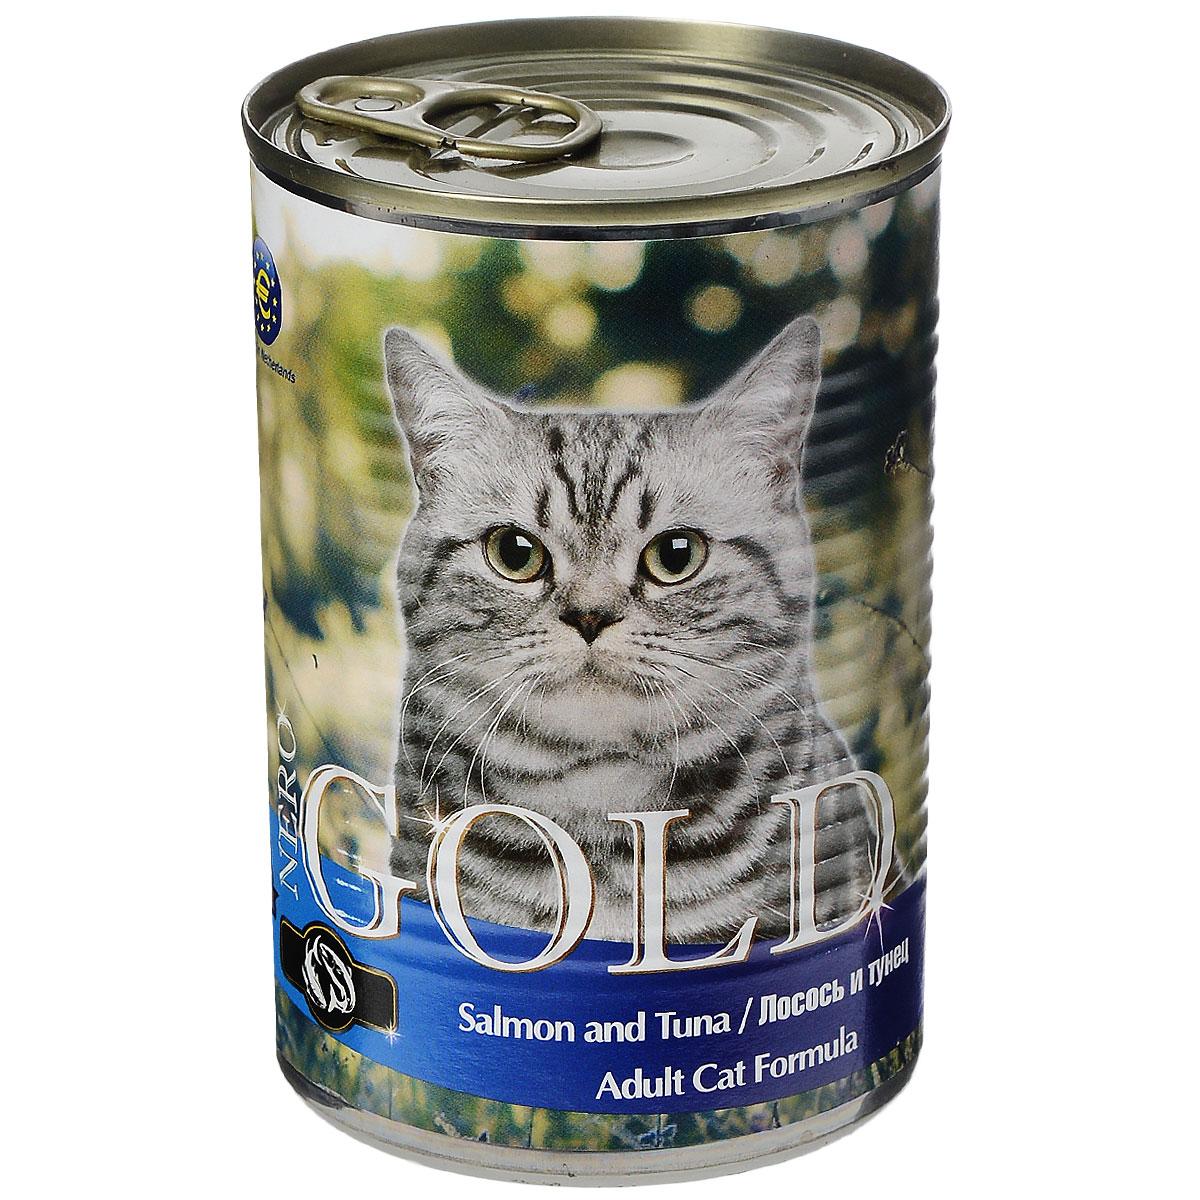 Консервы для кошек Nero Gold, с лососем и тунцом, 410 г24488Консервы для кошек Nero Gold - полнорационный продукт, содержащий все необходимые витамины и минералы, сбалансированный для поддержания оптимального здоровья вашего питомца! Состав: мясо и его производные, филе курицы, филе лосося, филе тунца, злаки, витамины и минералы. Гарантированный анализ: белки 6%, жиры 4,5%, клетчатка 0,5%, зола 2%, влага 81%. Пищевые добавки на 1 кг продукта: витамин А 1600 МЕ, витамин D 140 МЕ, витамин Е 10 МЕ, таурин 300 мг, железо 24 мг, марганец 6 мг, цинк 15 мг, медь 1 мг, магний 200 мг, йод 0,3 мг, селен 0,2 мг. Вес: 410 г. Товар сертифицирован.